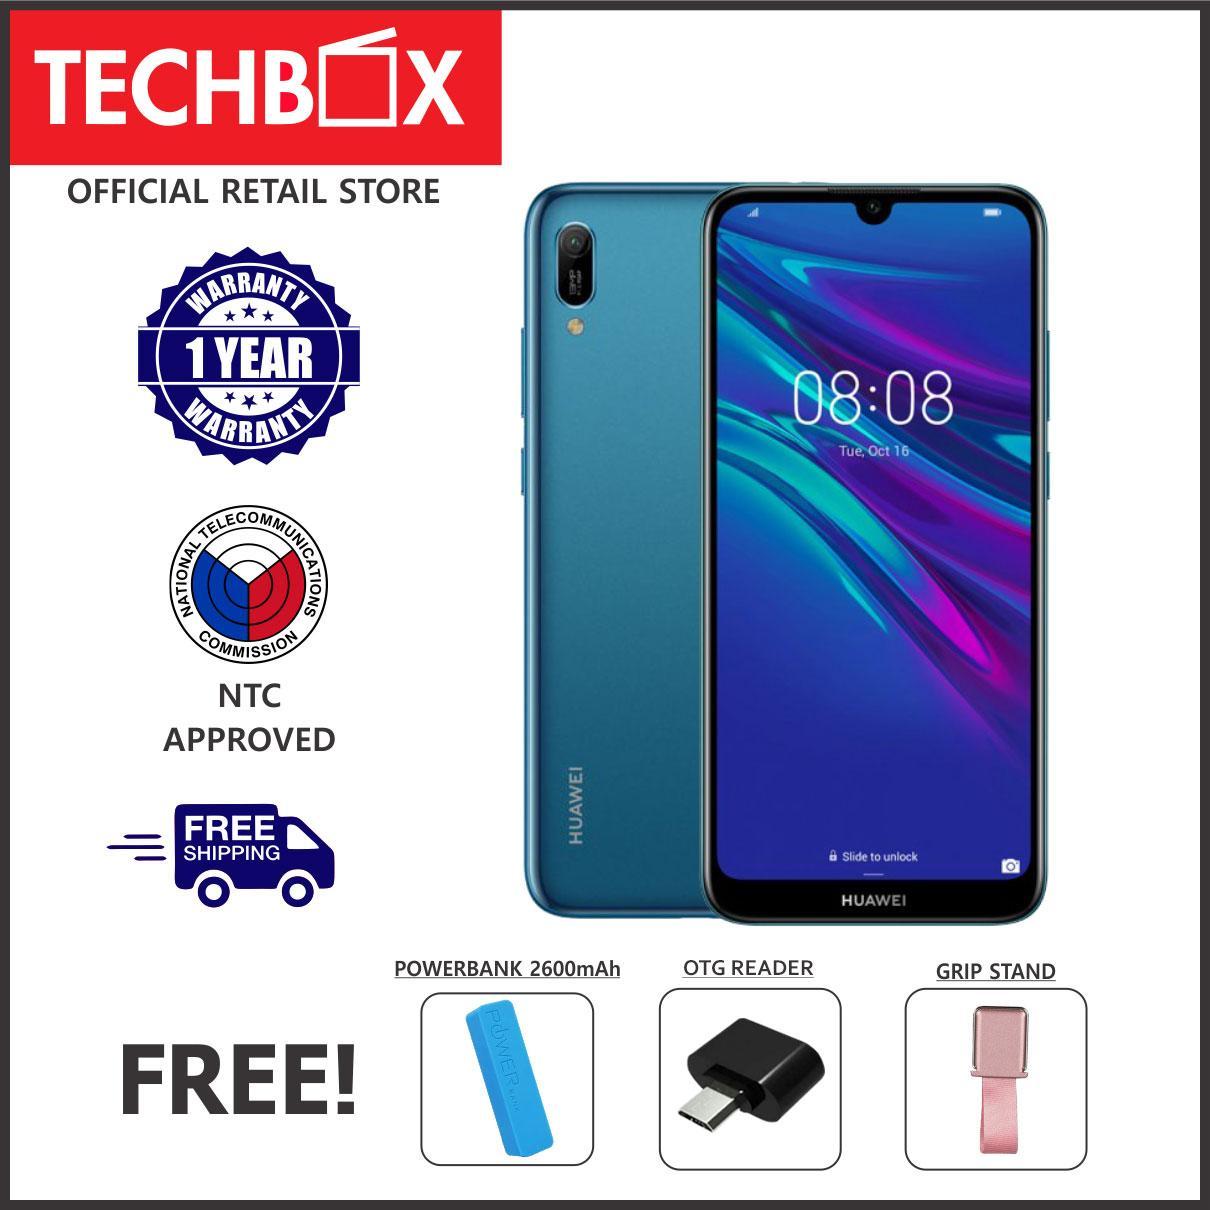 Huawei Y6 Pro 2019 3GB / 32GB 6 09